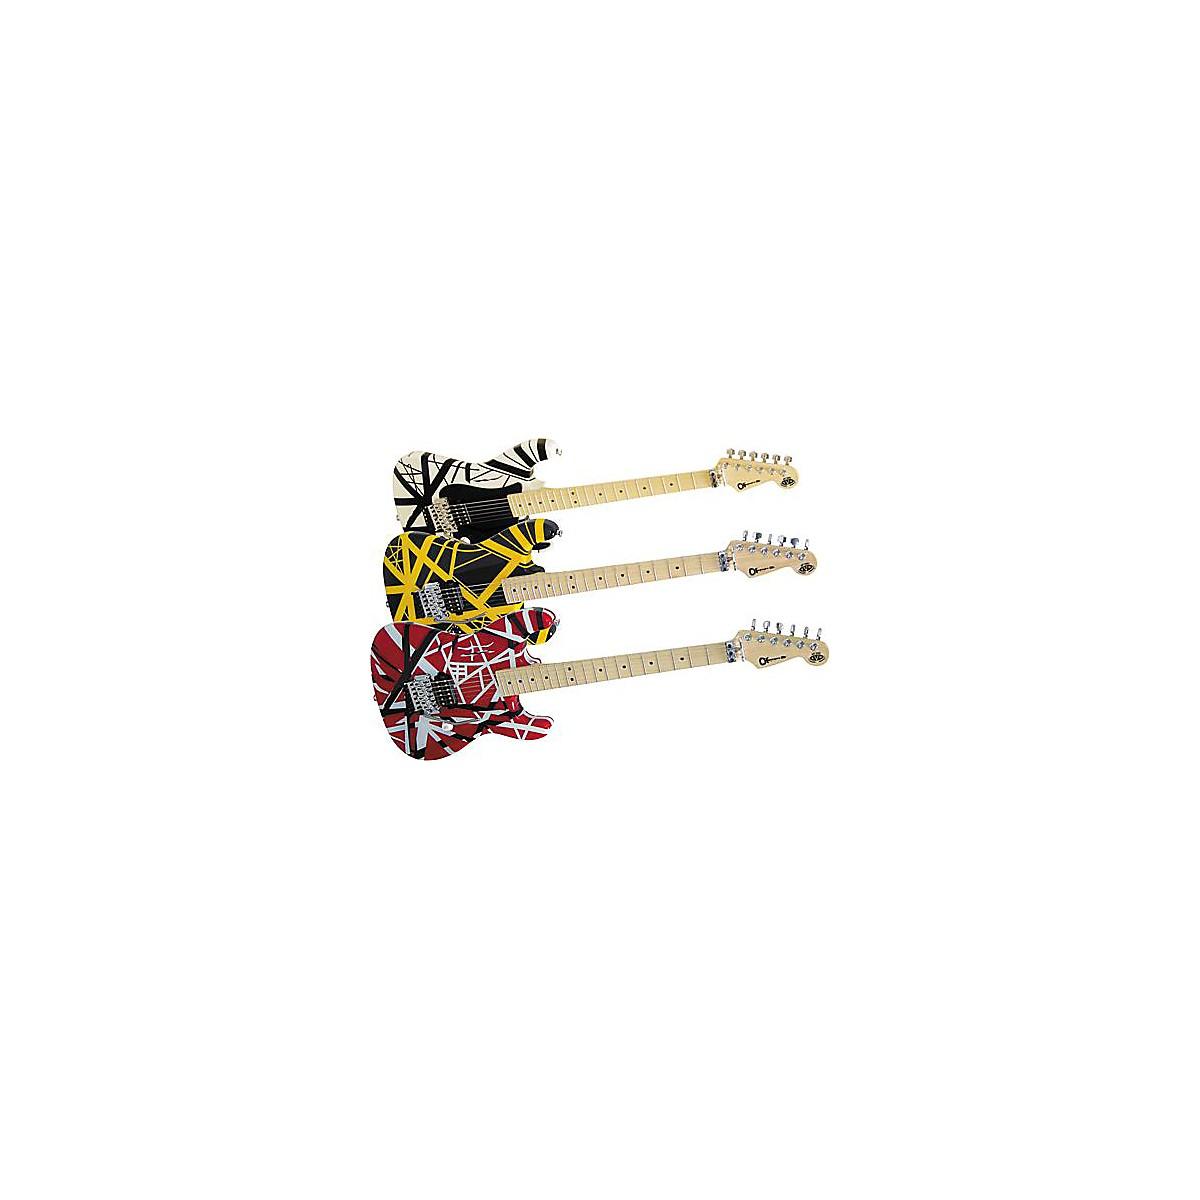 Charvel Evh Art Series Guitar